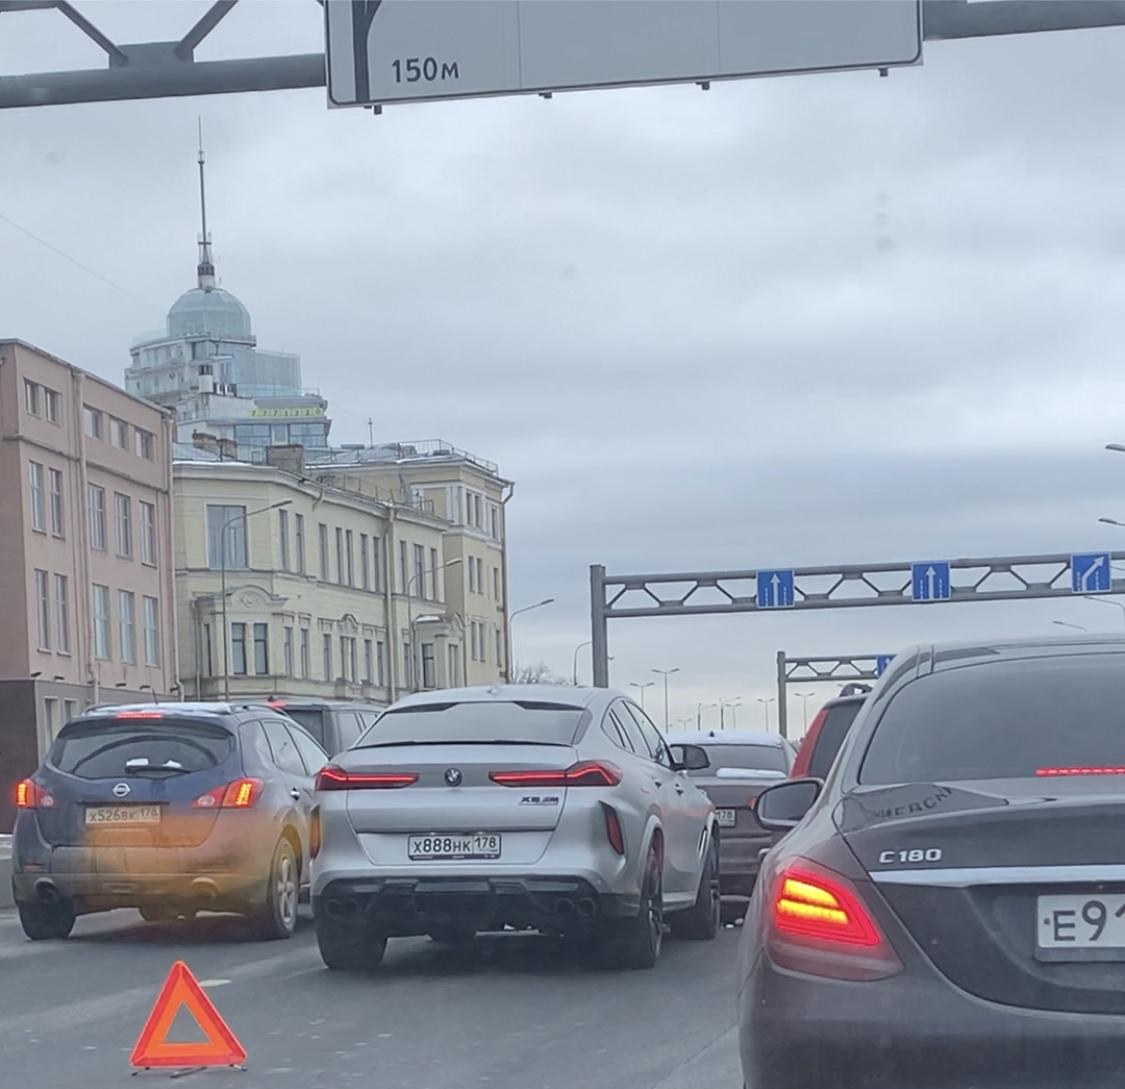 Спешащий BMWист догнал машину на Пироговской набережной.